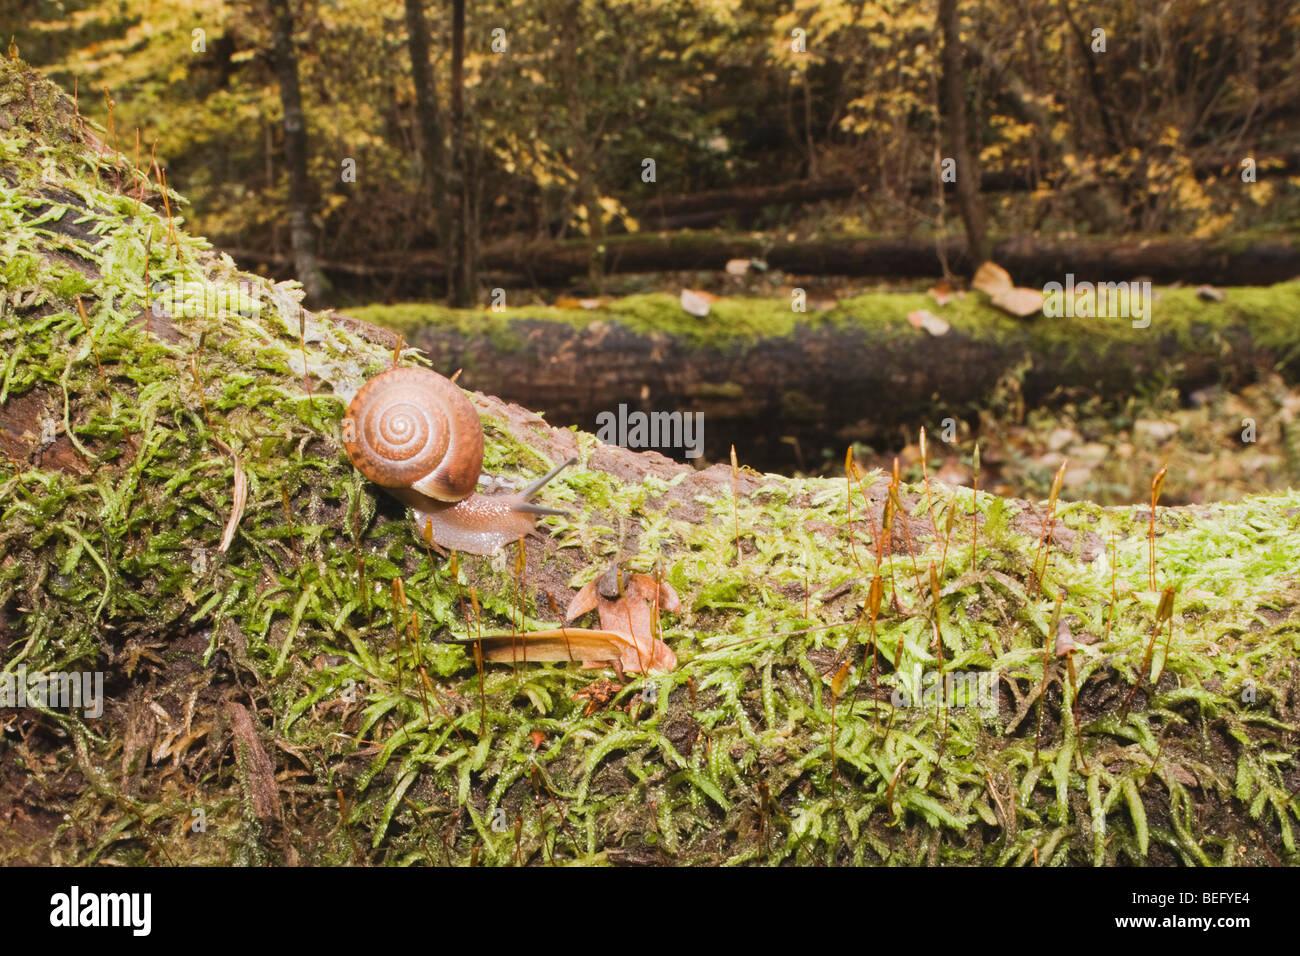 Land Snail (Gastropod) on mossy tree, Raven Rock State Park, Lillington, North Carolina, USA - Stock Image